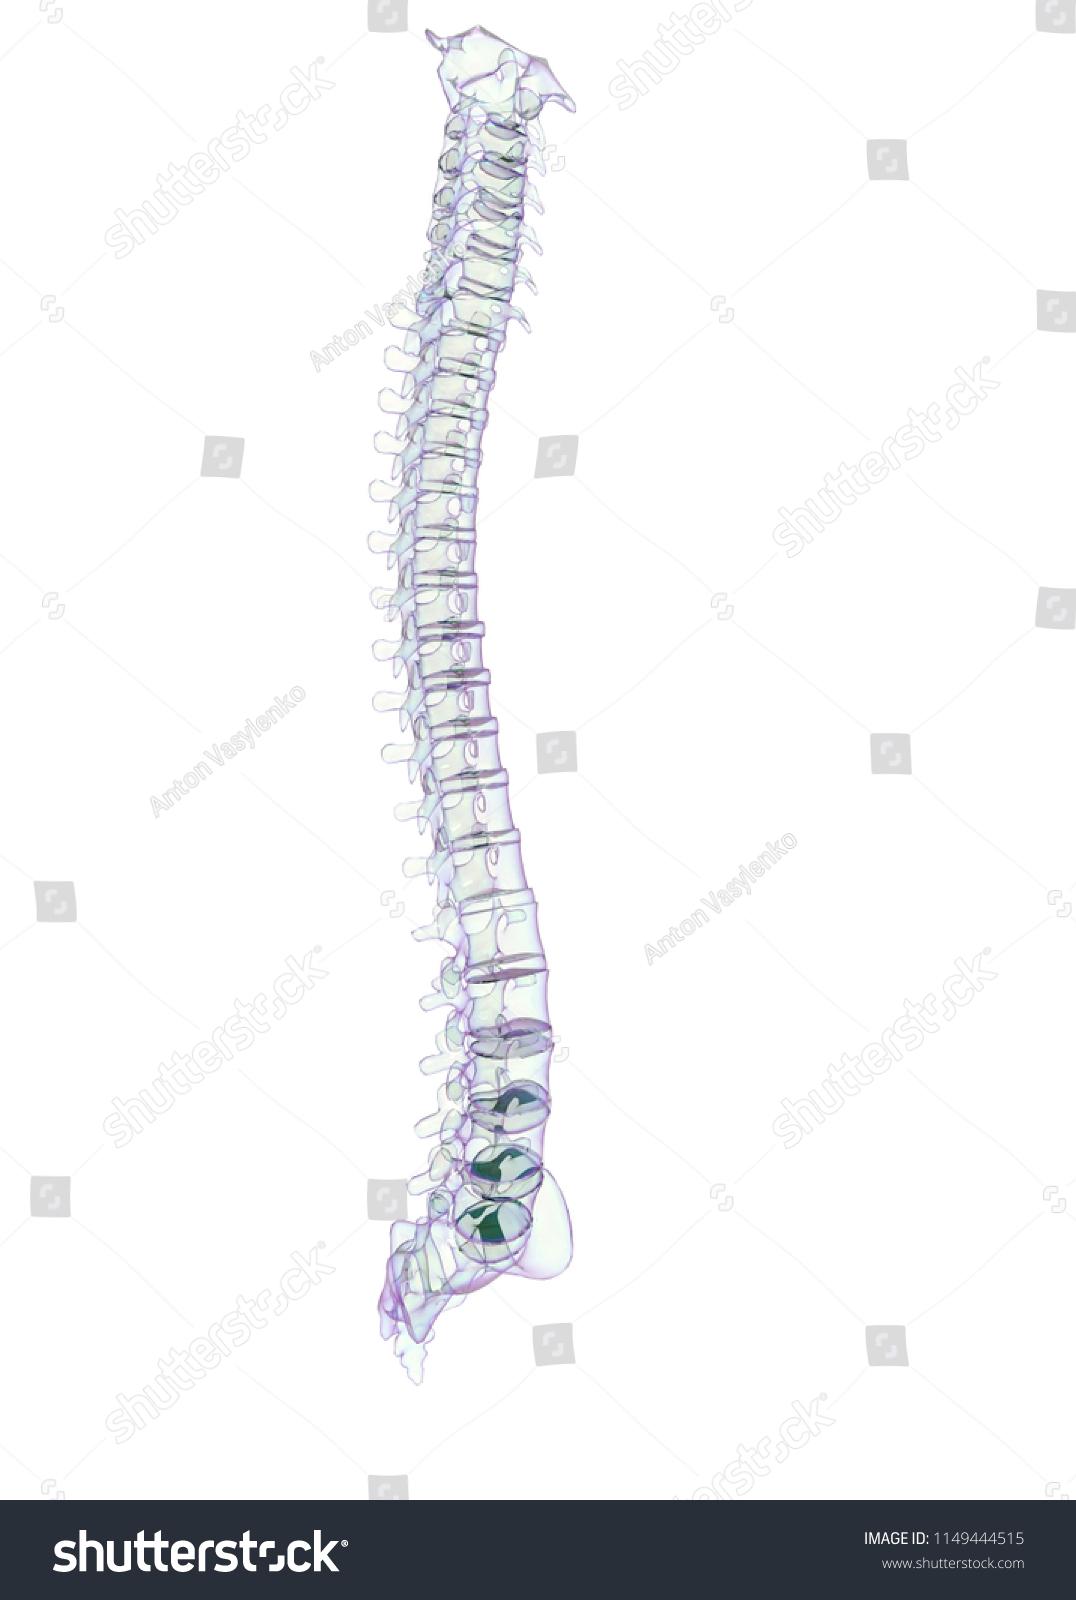 3 D Illustration Human Vertebra Bones Stock 1149444515 Snake Skeleton Diagram 3d Of